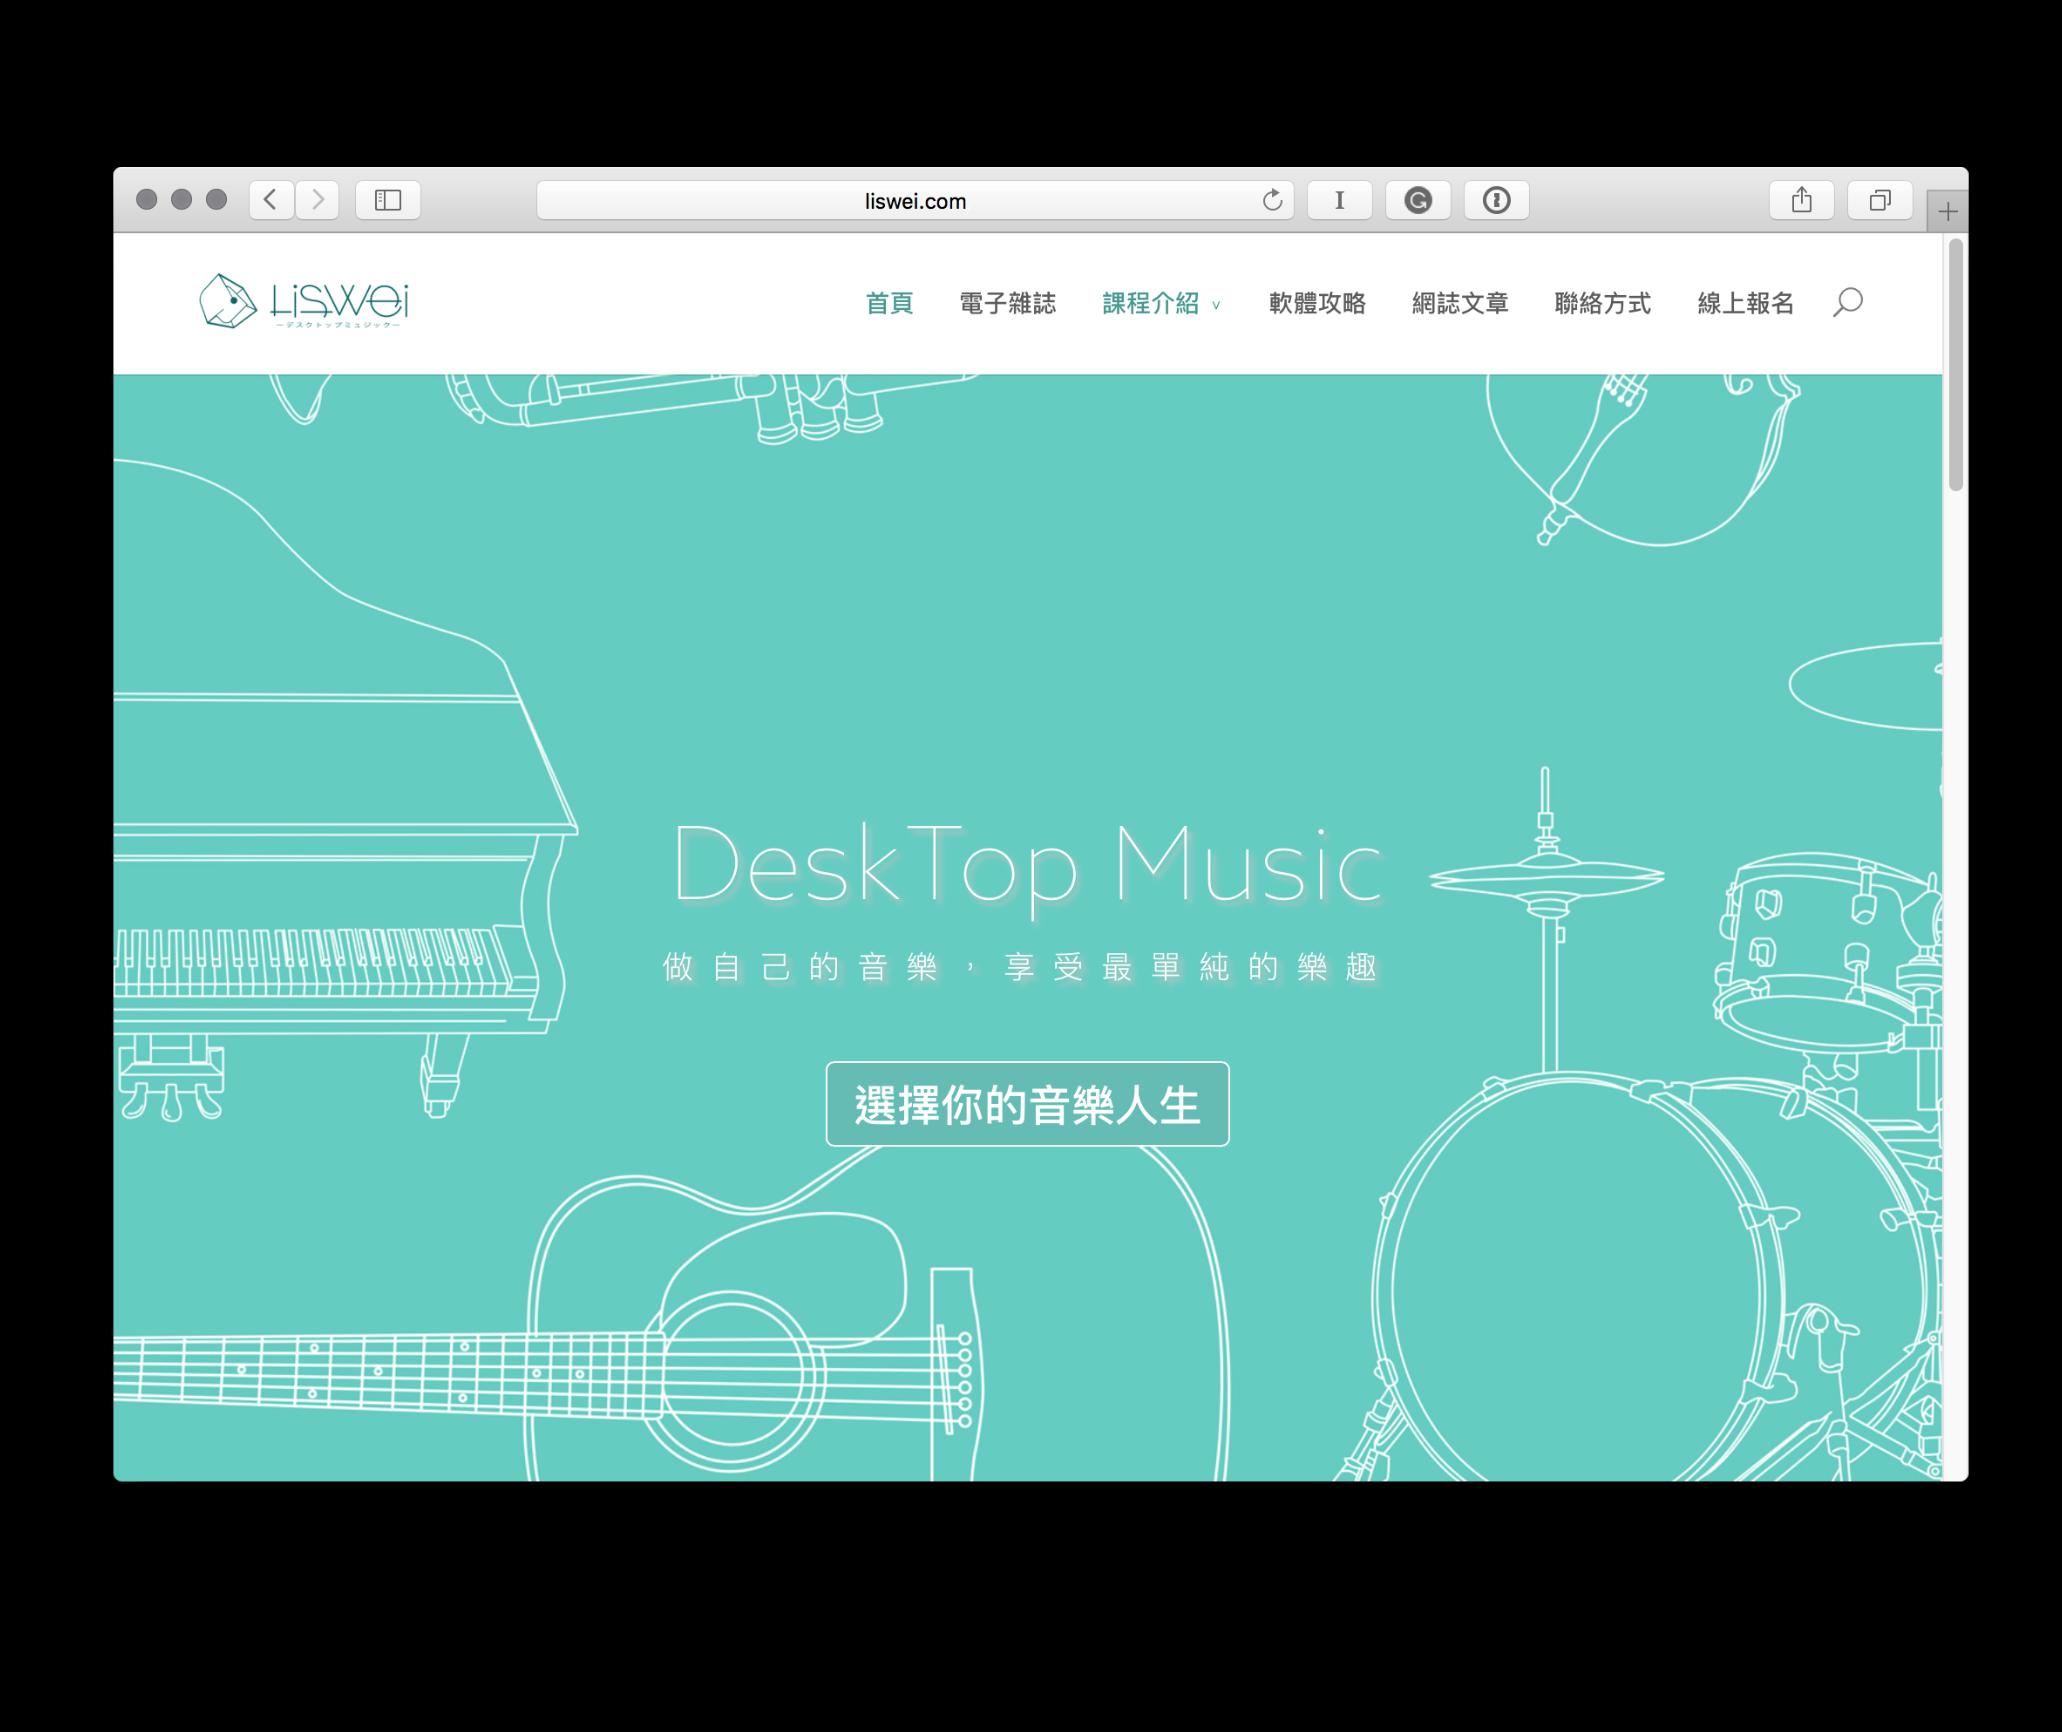 LiSWEi.com 的首頁概念主要是為了凸顯:「除了器材以外,音樂的設計與創意才是真正更值得關注的事」